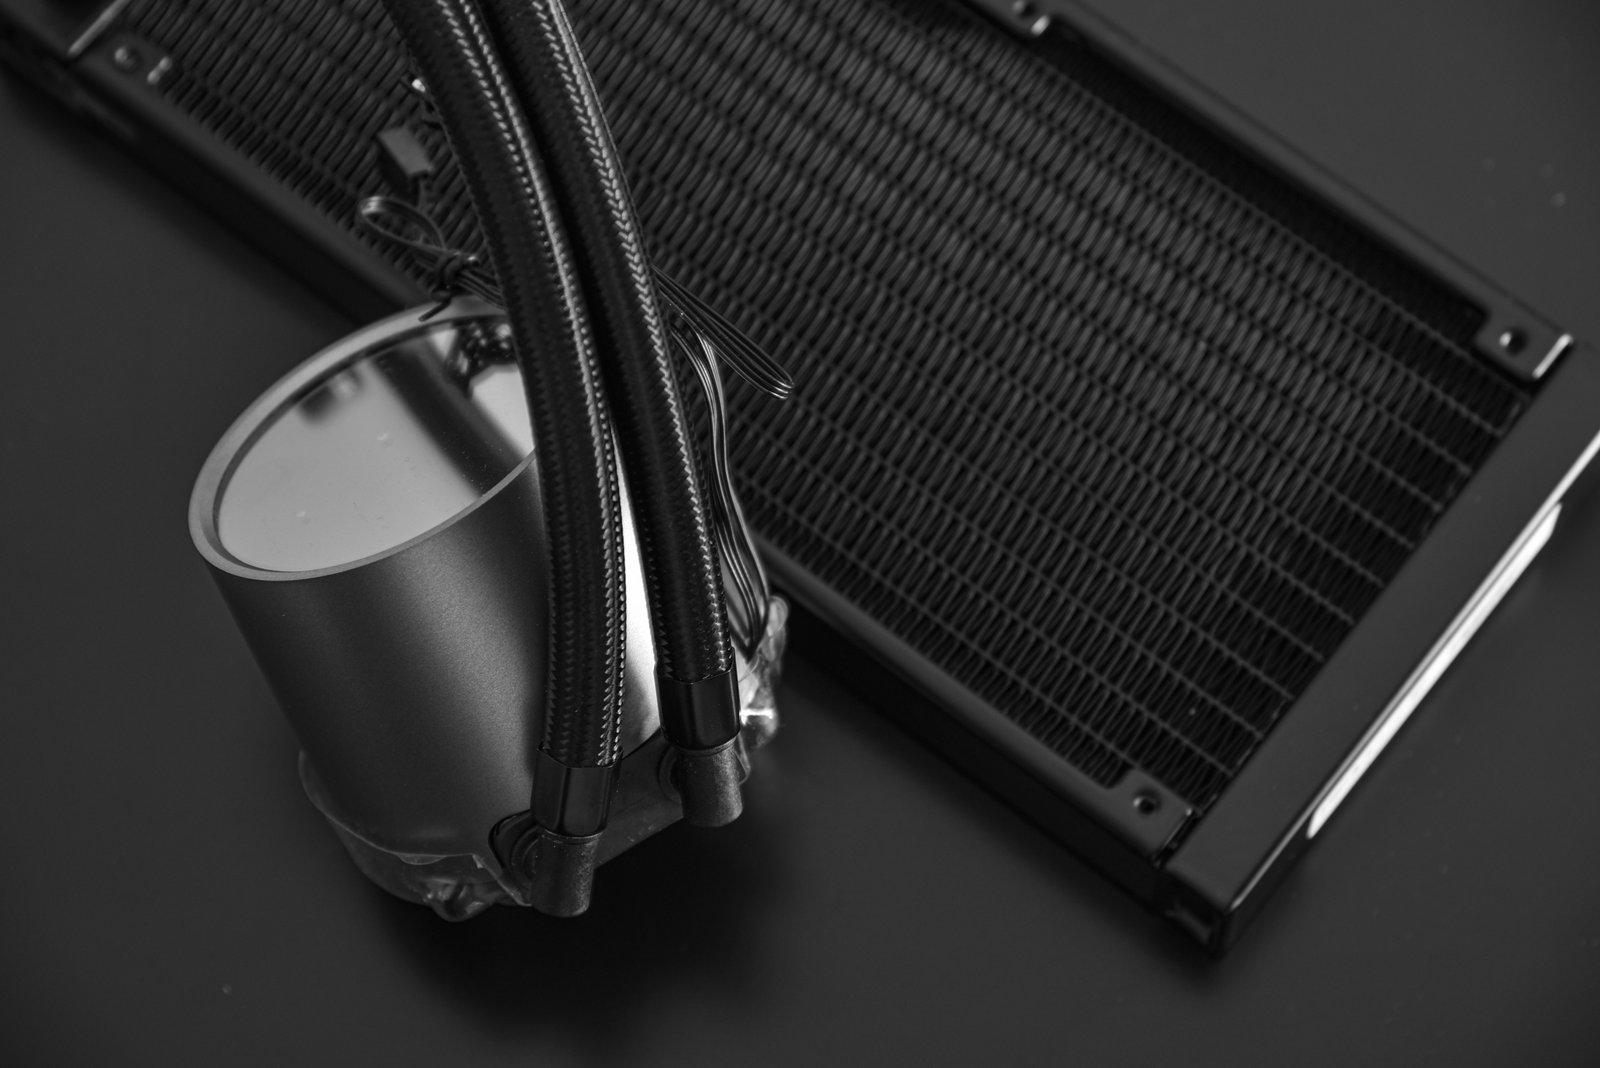 خنک کننده مایع سی پی یو دیپ کول مدل CASTLE 240 RGB V2